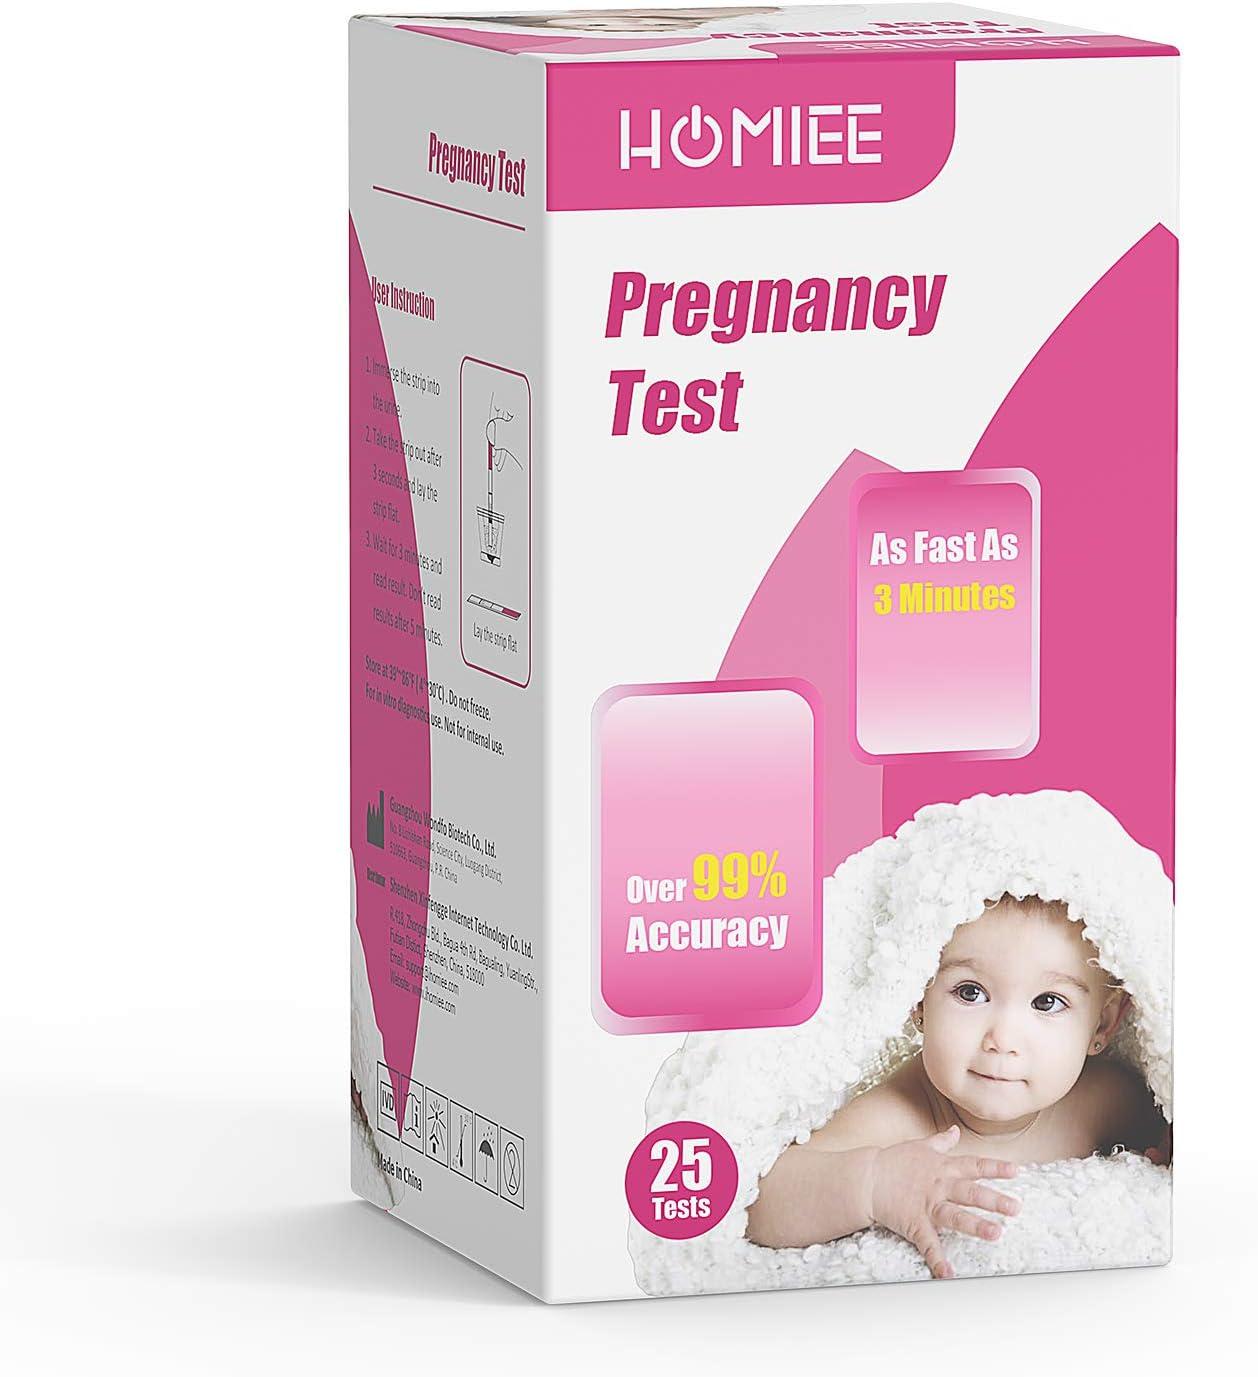 HOMIEE Kits de Tests Embarazo, Pruebas de Embarazo para Deteccion Temprana, Certificación Internacional y Alta Fiabiidad, Tiras de Prueba de Embarazo Temprano Fáciles de Llevar(25pc HCG)